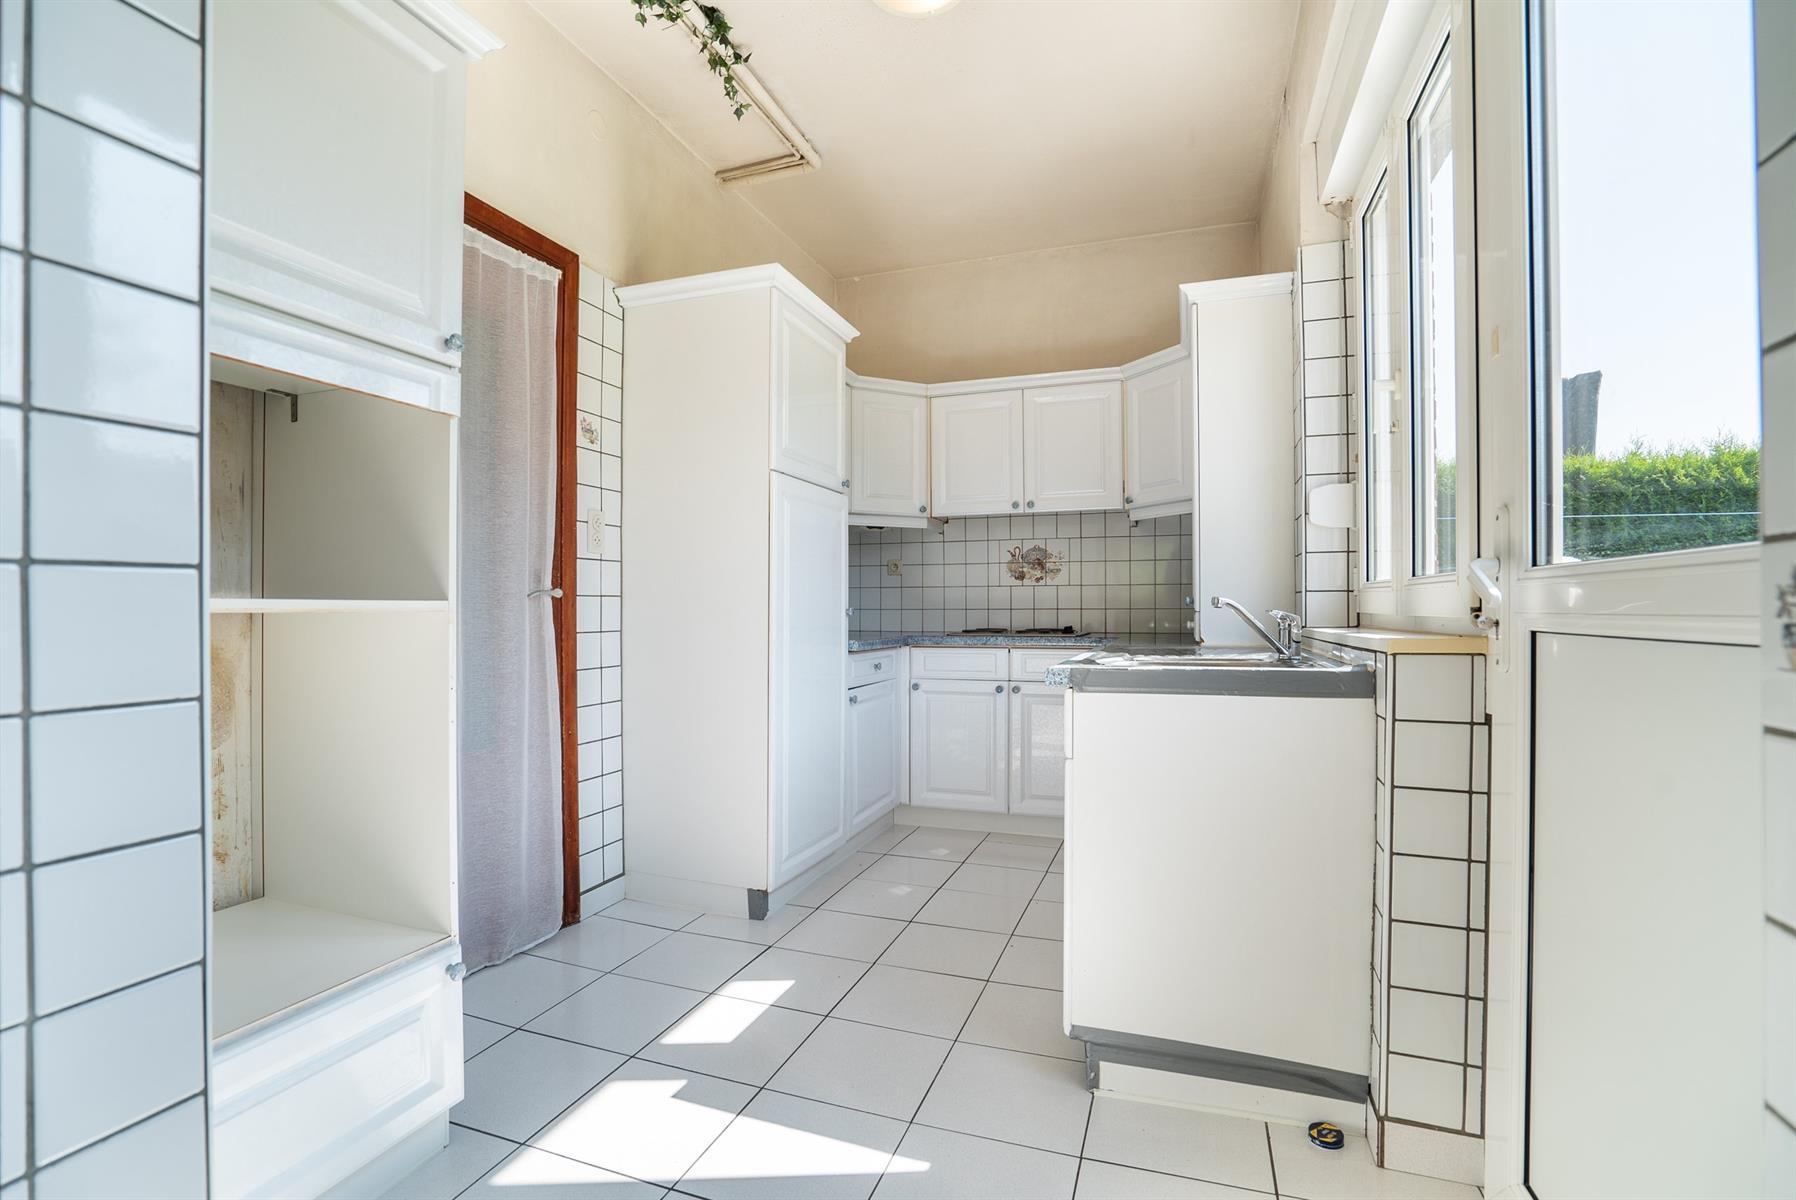 Maison - Verviers Stembert - #4406533-6